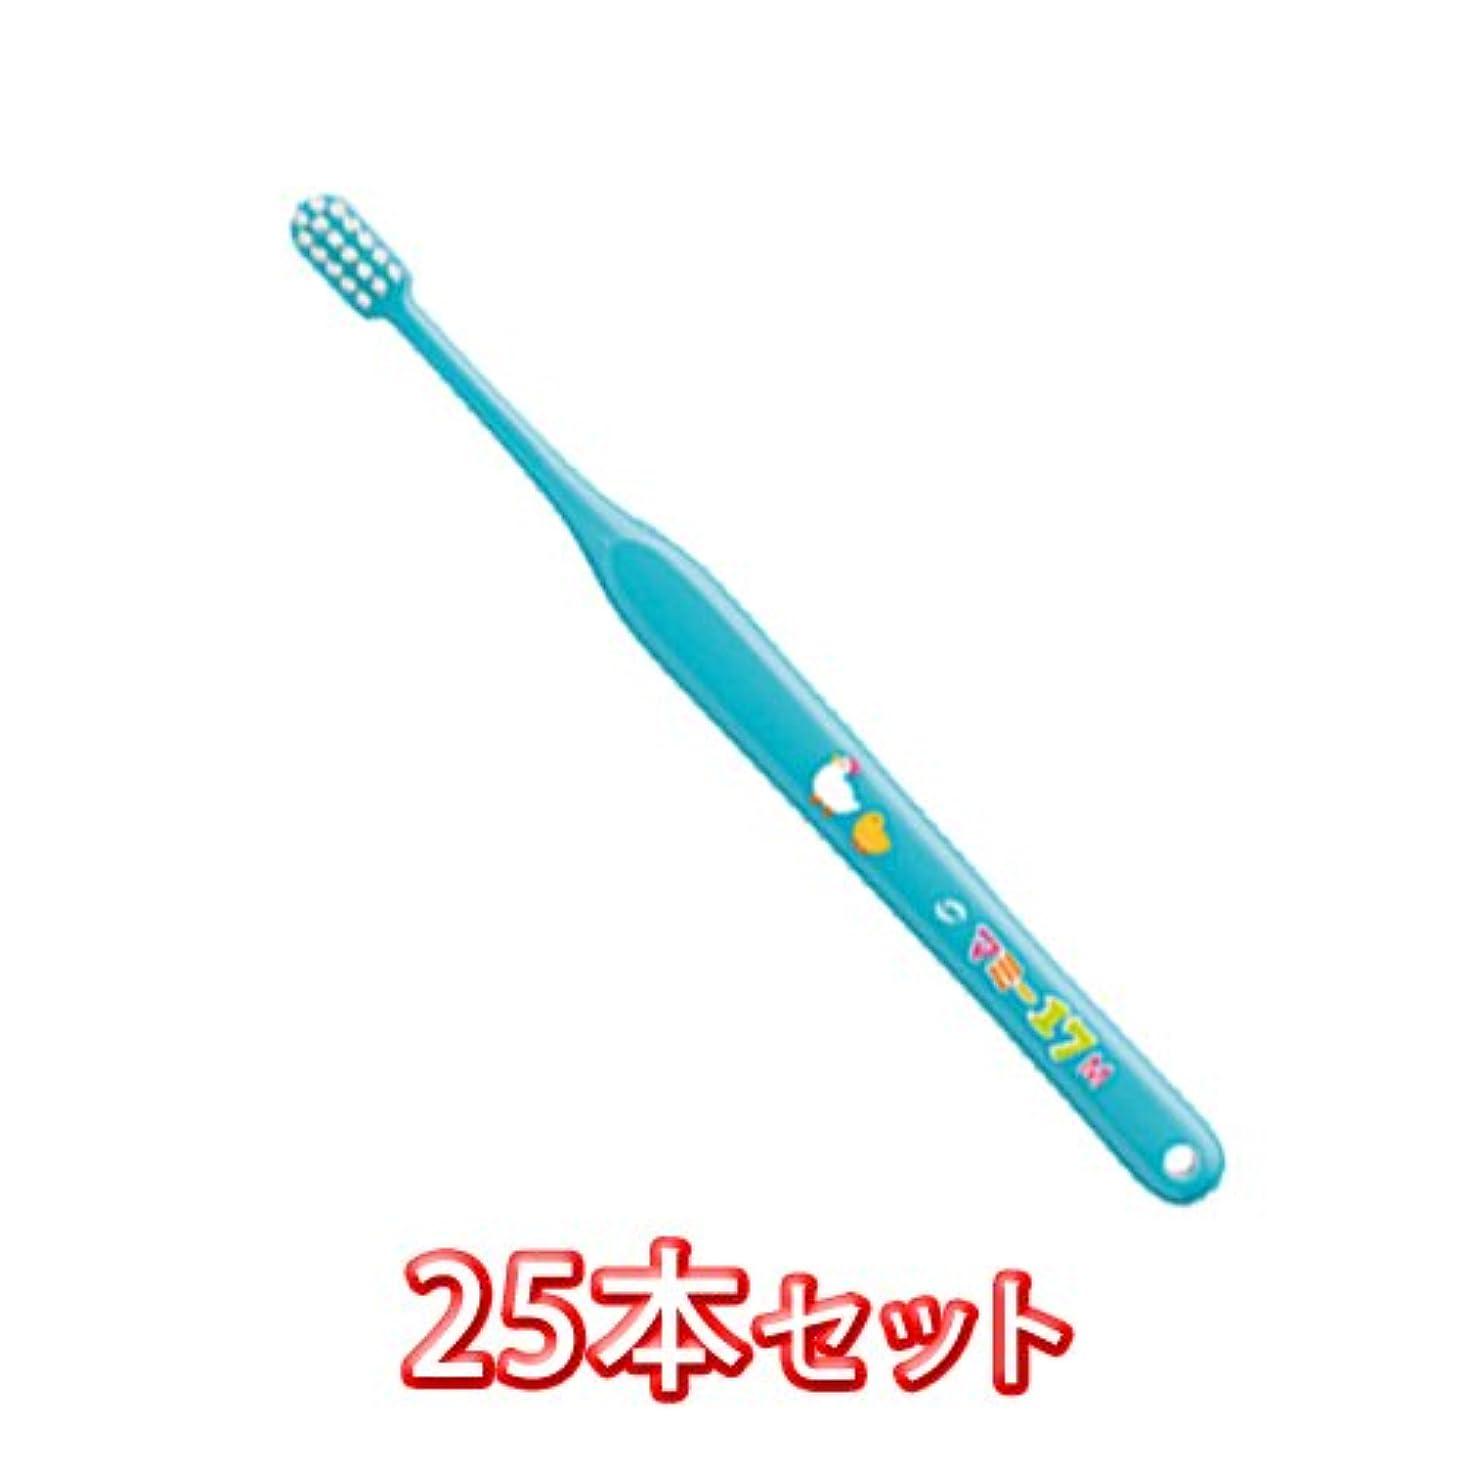 リハーサル大量放棄オーラルケア マミー17 歯ブラシ 25本入 M ブルー